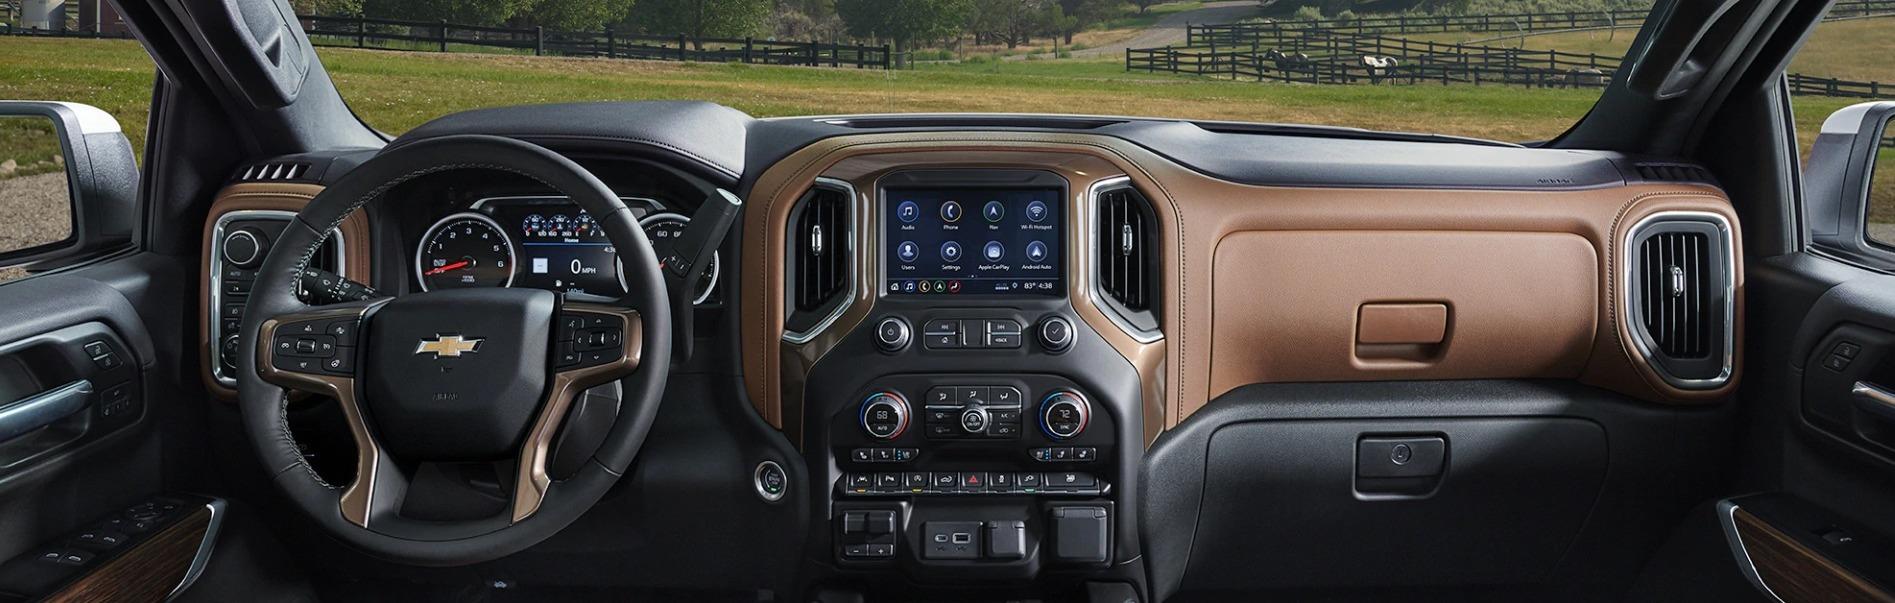 2020 Chevrolet Silverado 1500 Dashboard